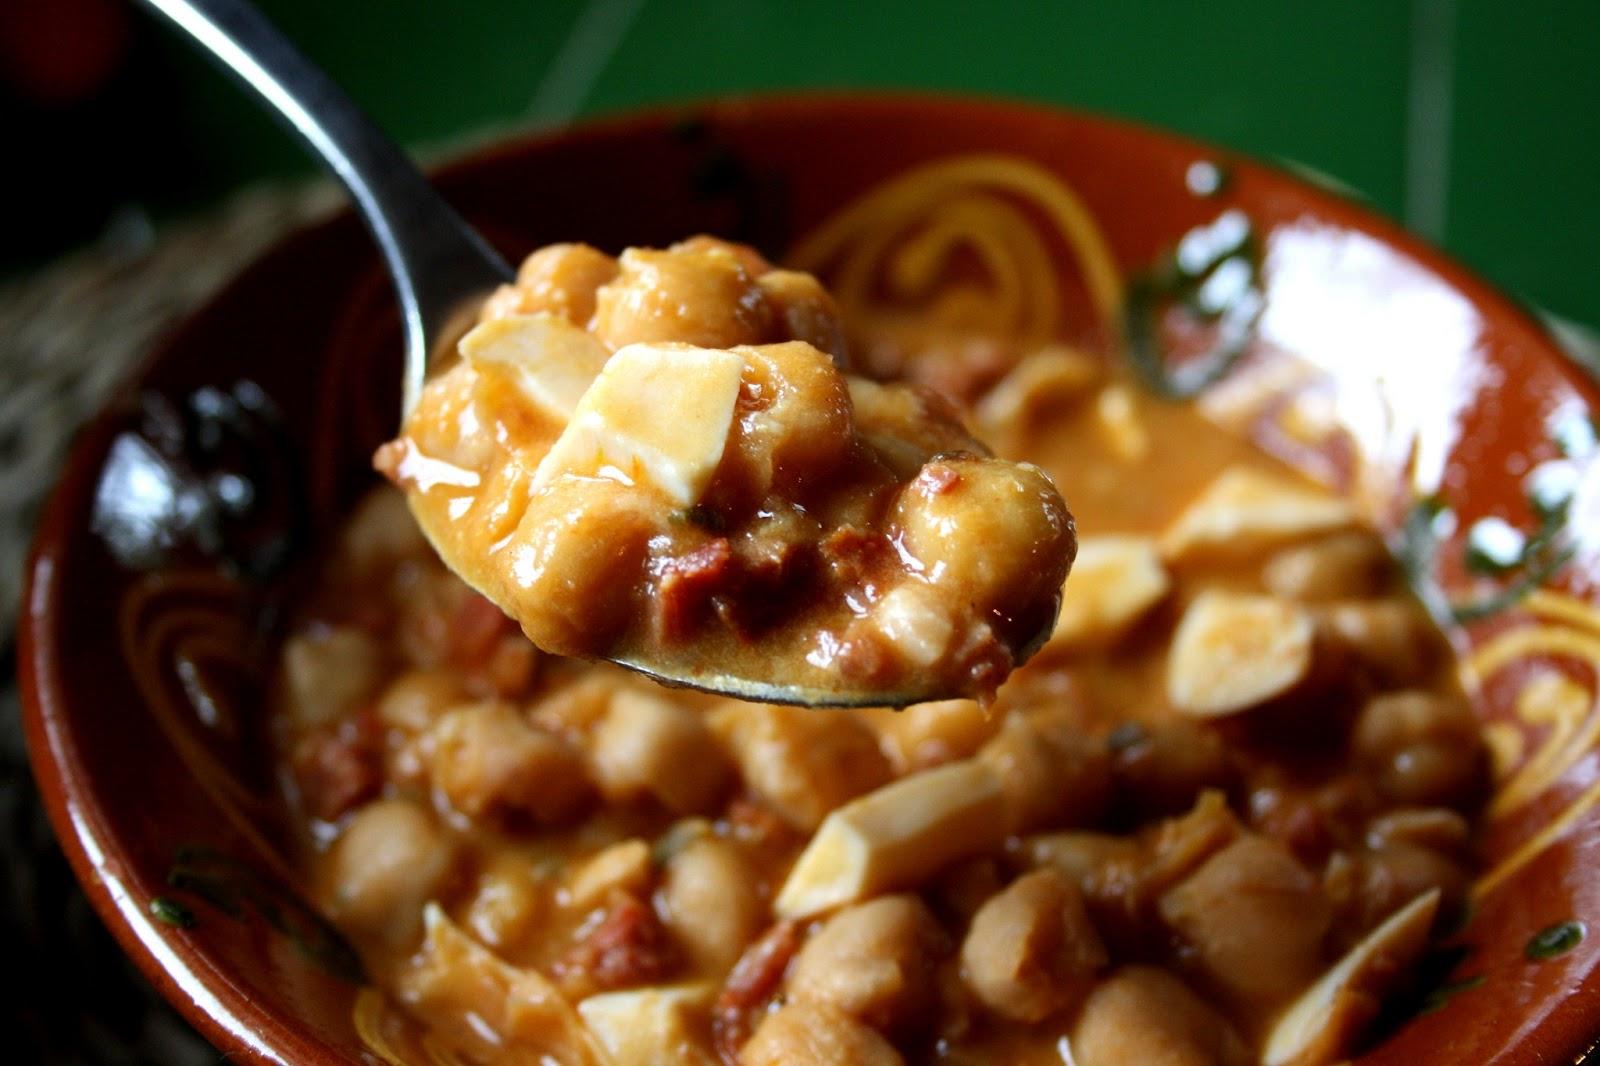 Garbanzo con chorizo 3 opciones ricas y f ciles de preparar for Cocinar garbanzos con chorizo